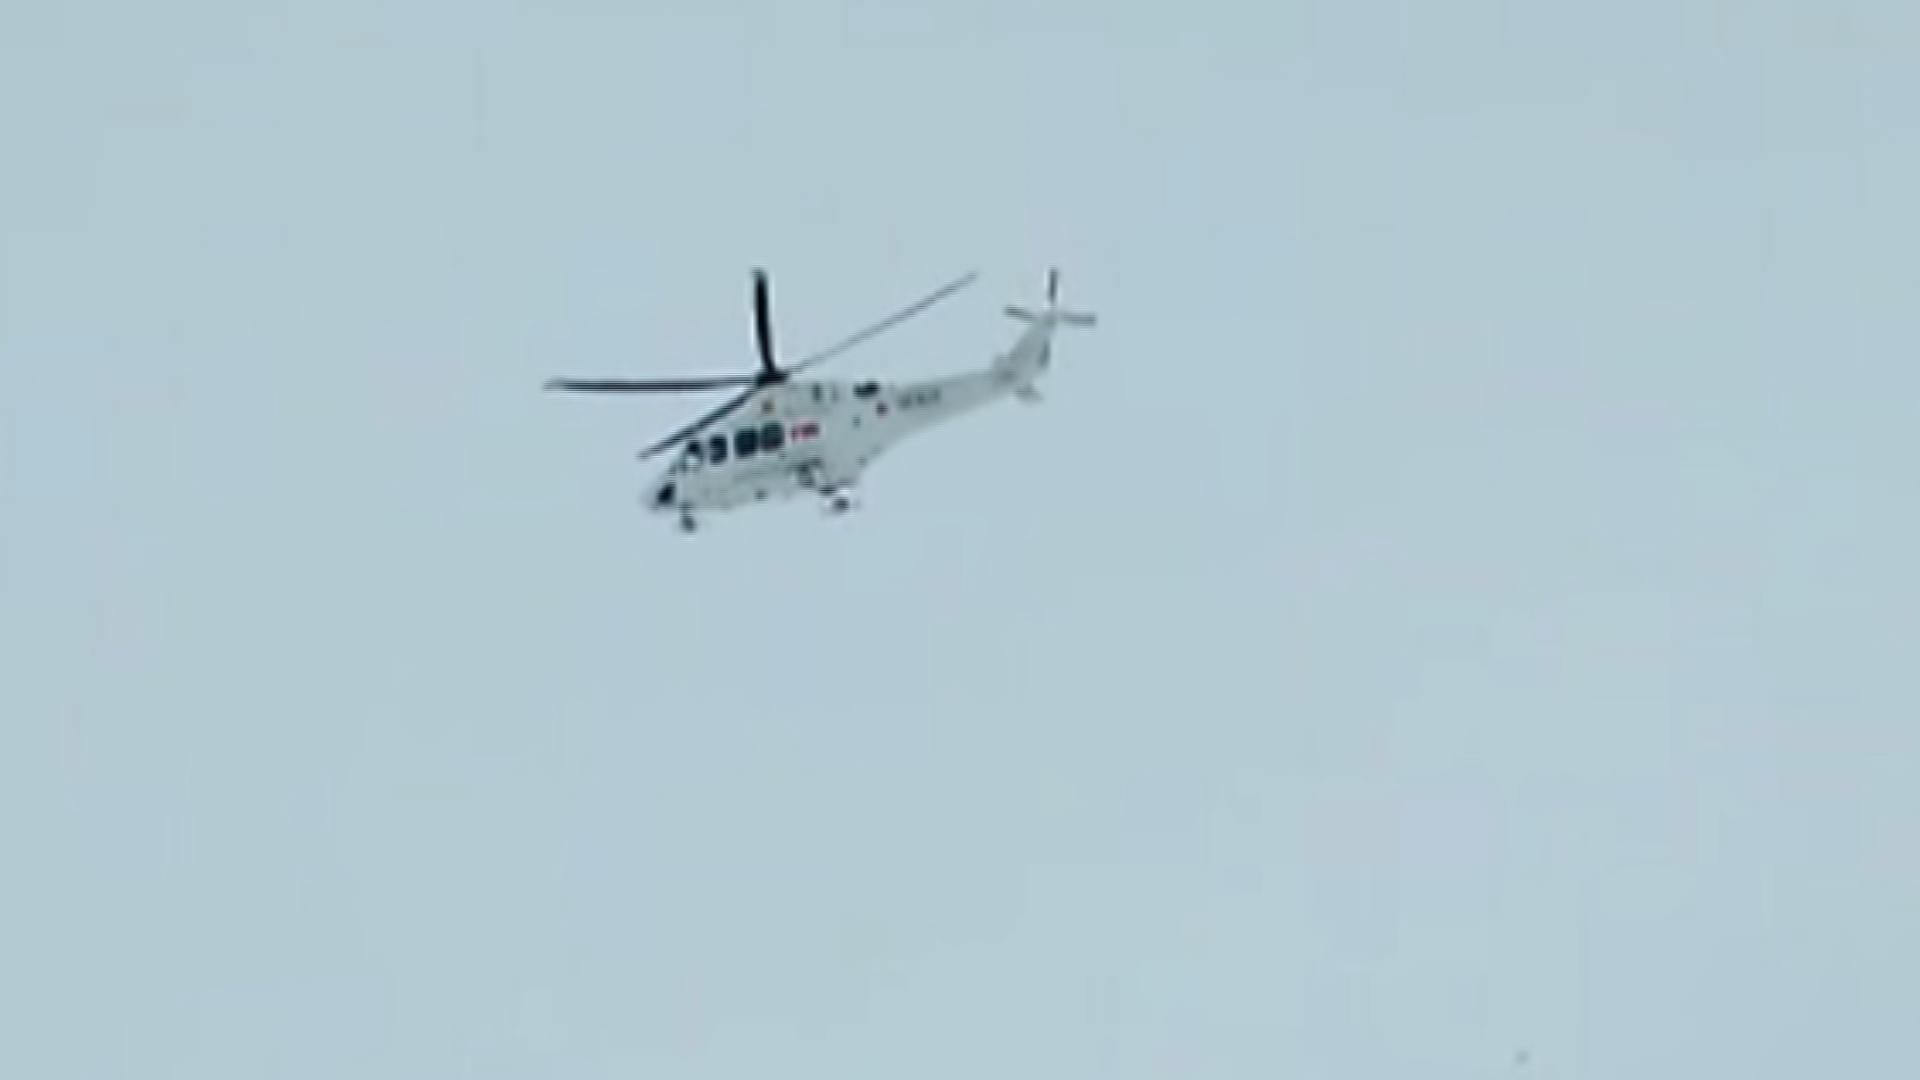 Elicottero Caduto : Elicottero caduto testimone quot ho ripreso gli ultimi